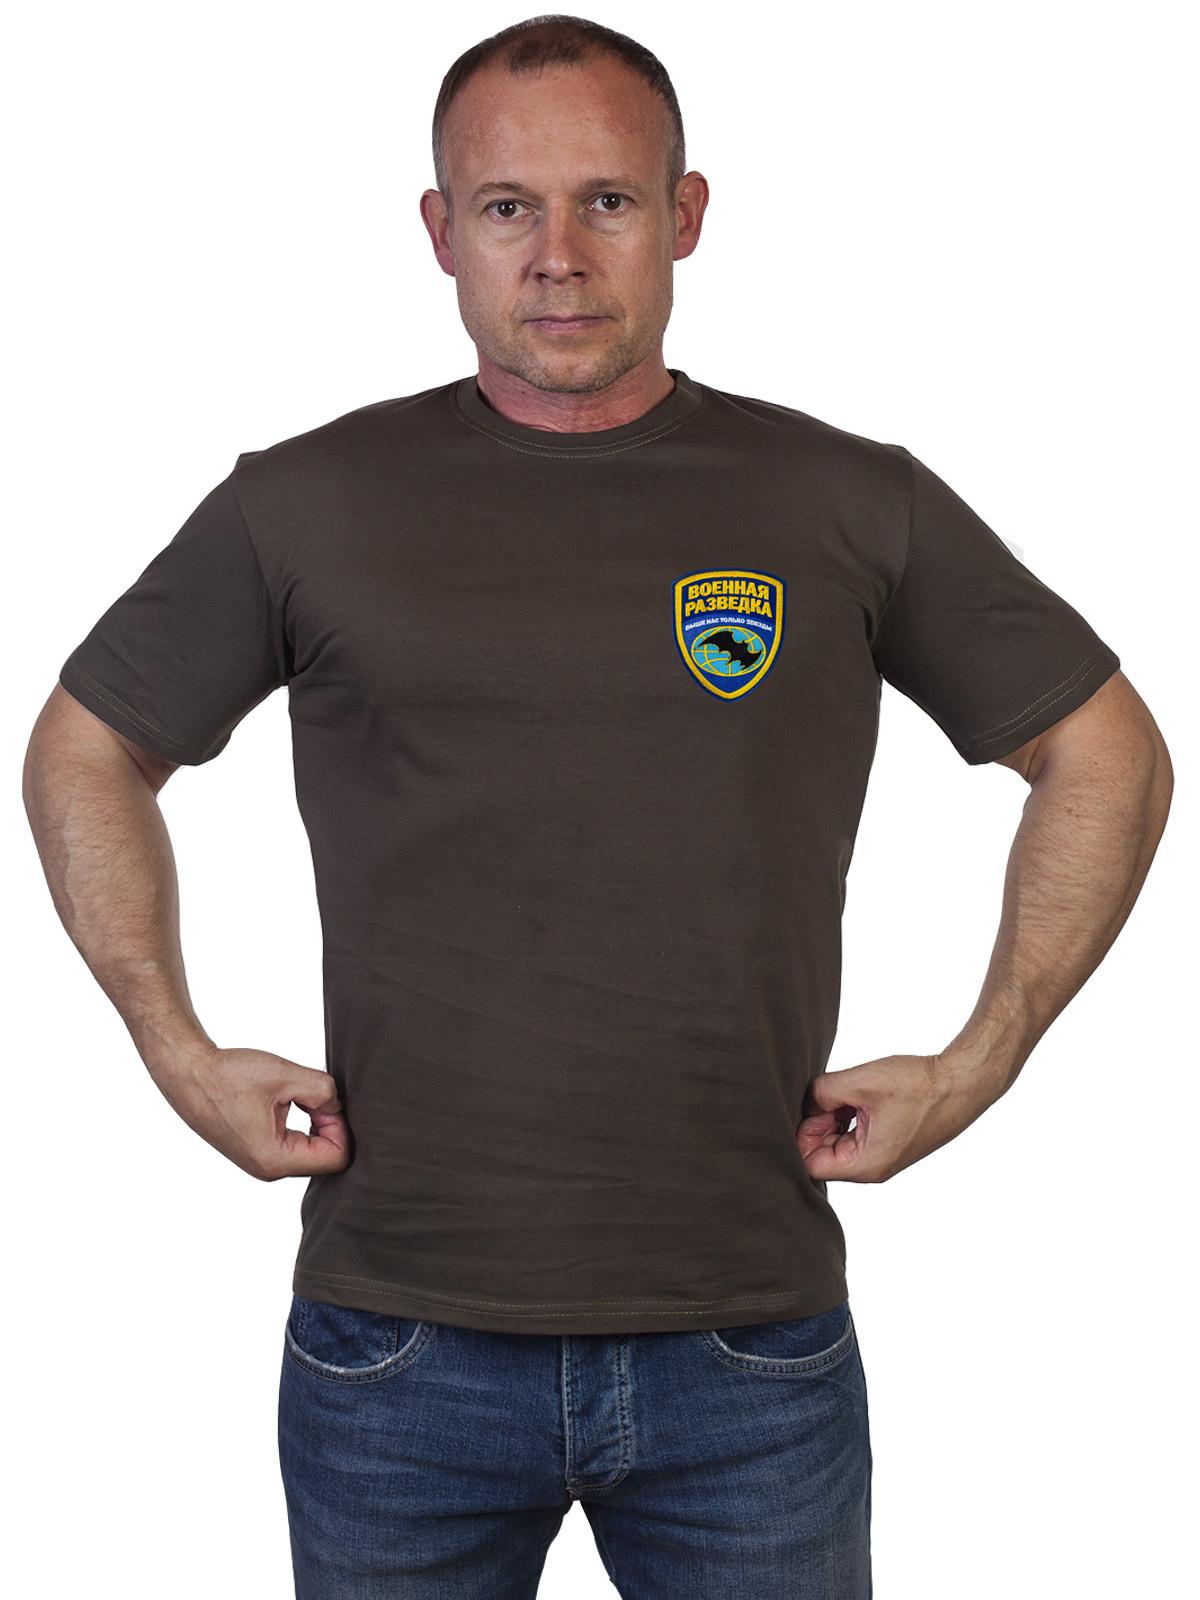 Купить футболку Разведка в военторге